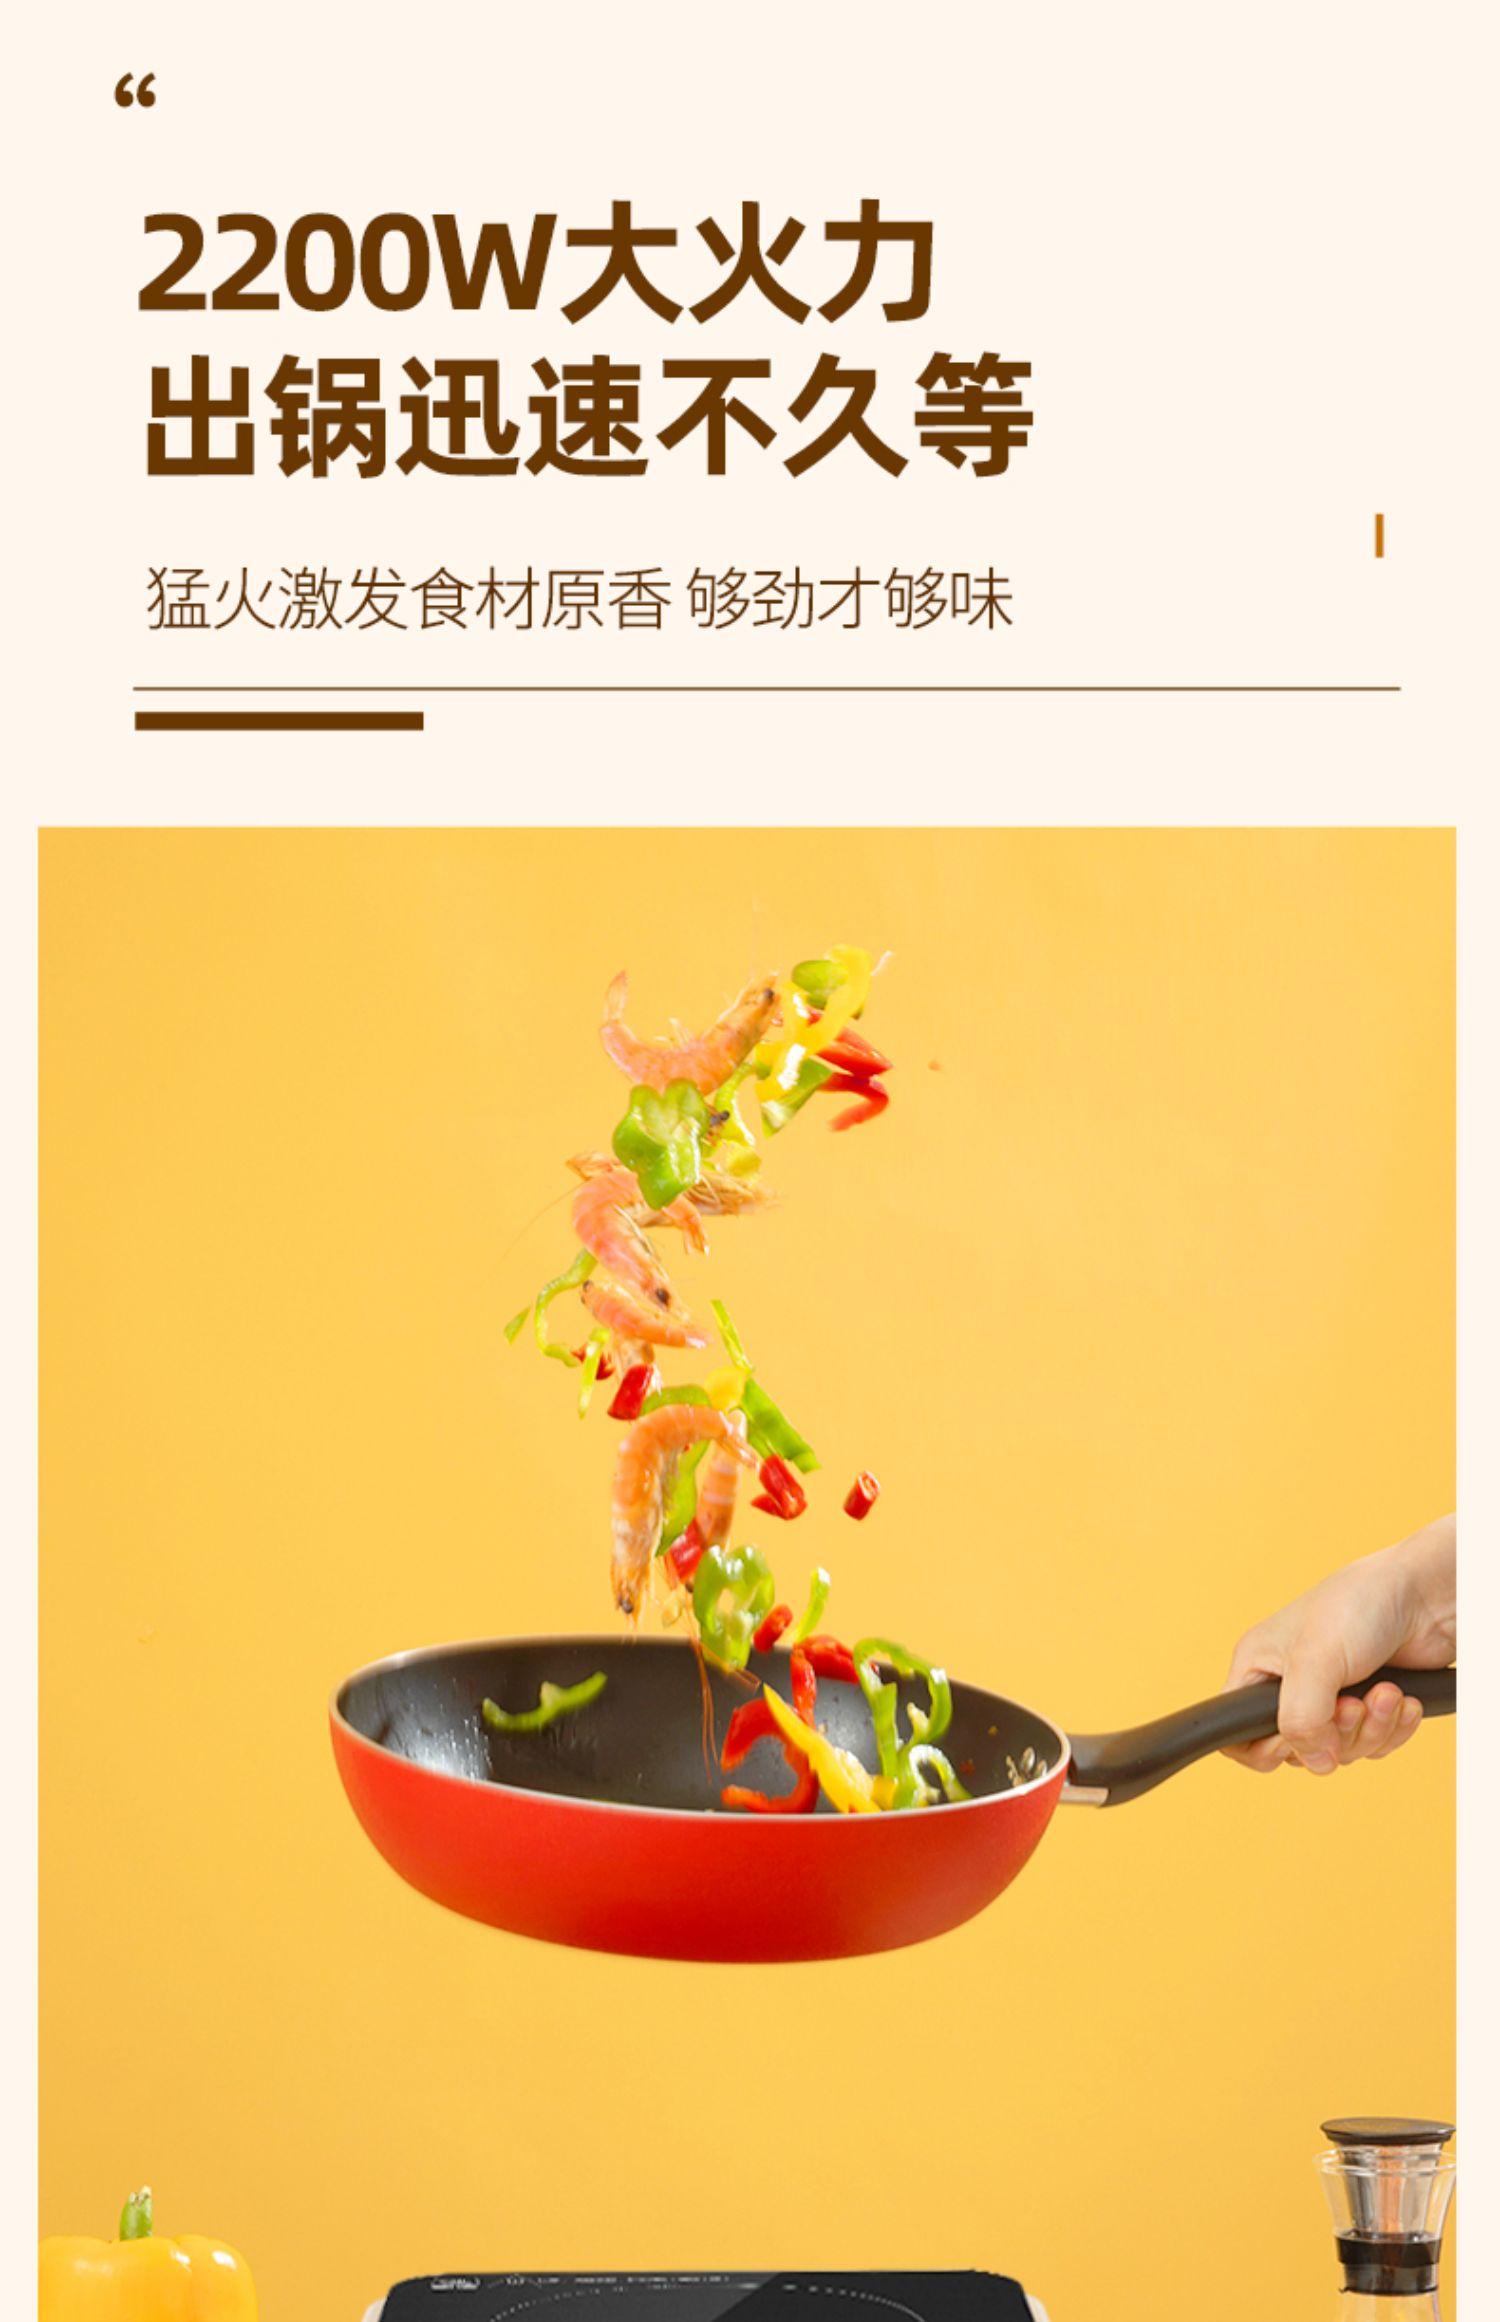 苏泊尔家用小型炒菜锅电磁炉